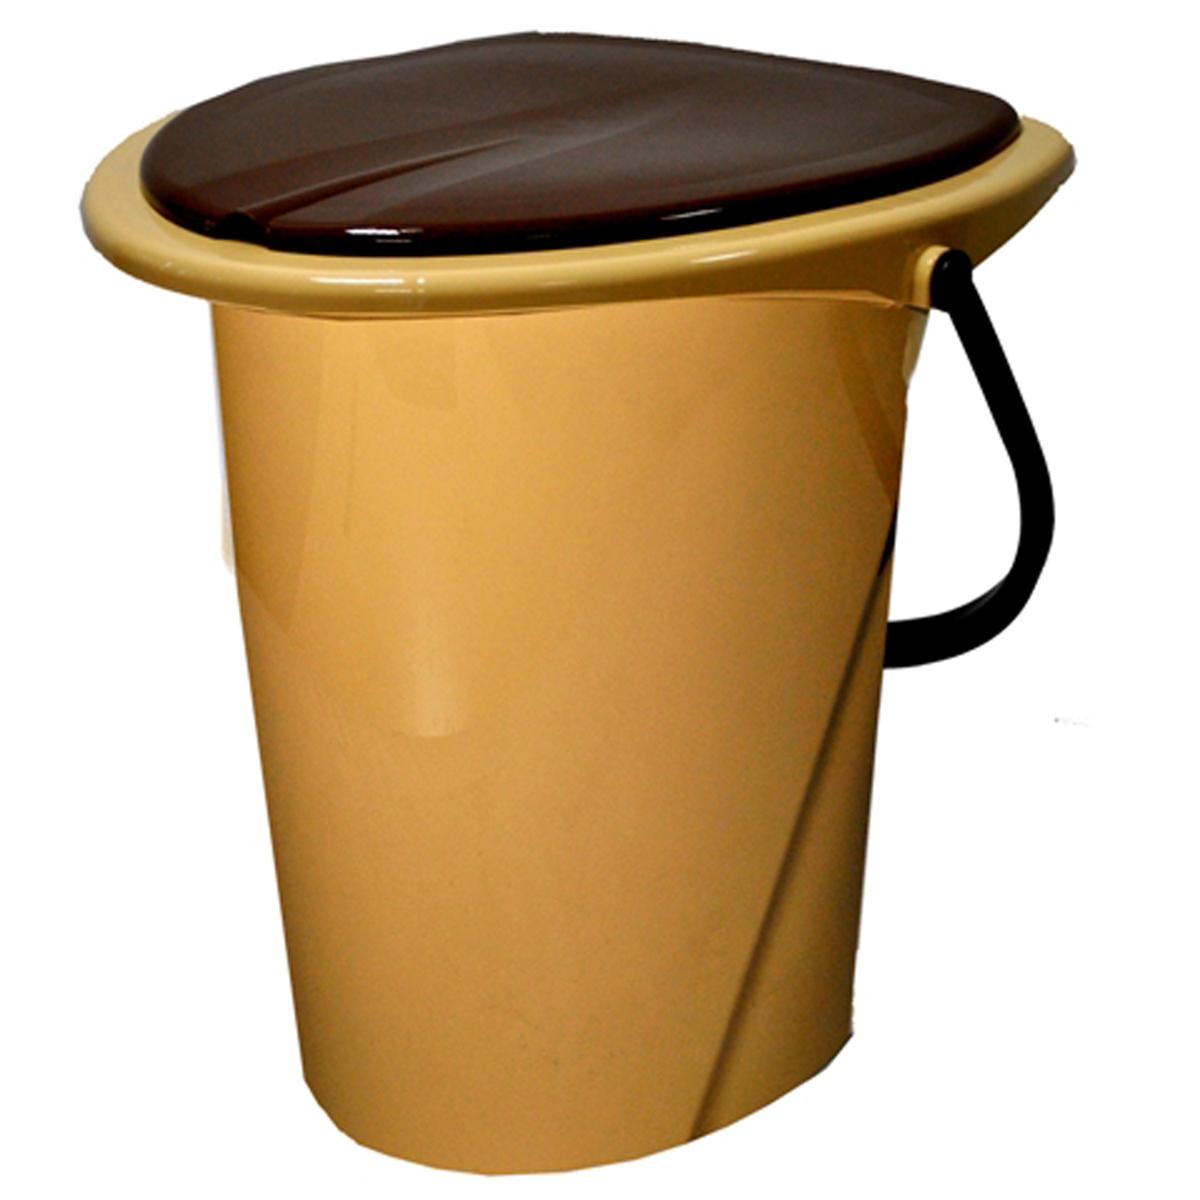 Ведро-туалет InGreen, цвет: бежевый, коричневый, 17 лING30001FБЖВедро-туалет InGreen выполнено из пластика. Это незаменимая вещь на даче, а также для пожилых людей и людей с ограниченными возможностями. Устойчивое и высокое ведро удобно в использовании. Ведро-туалет имеет эргономичное съемное сиденье - это позволит легко его мыть и сушить отдельно. Ведро снабжено крышкой, что препятствует распространению неприятных запахов. Прочный пластик выдержит даже людей с большим весом.